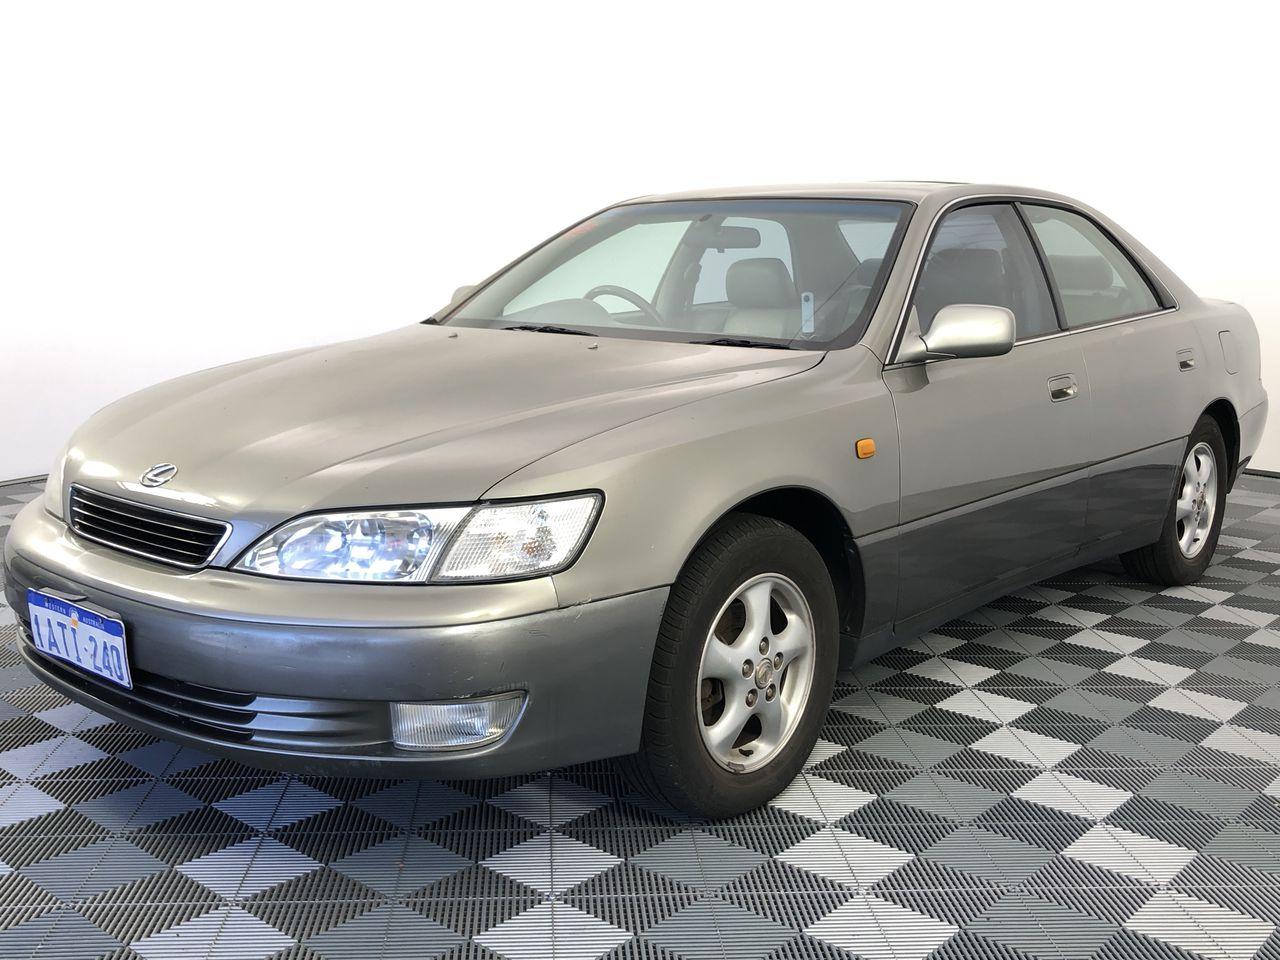 1997 Lexus ES300 LXS Automatic Sedan